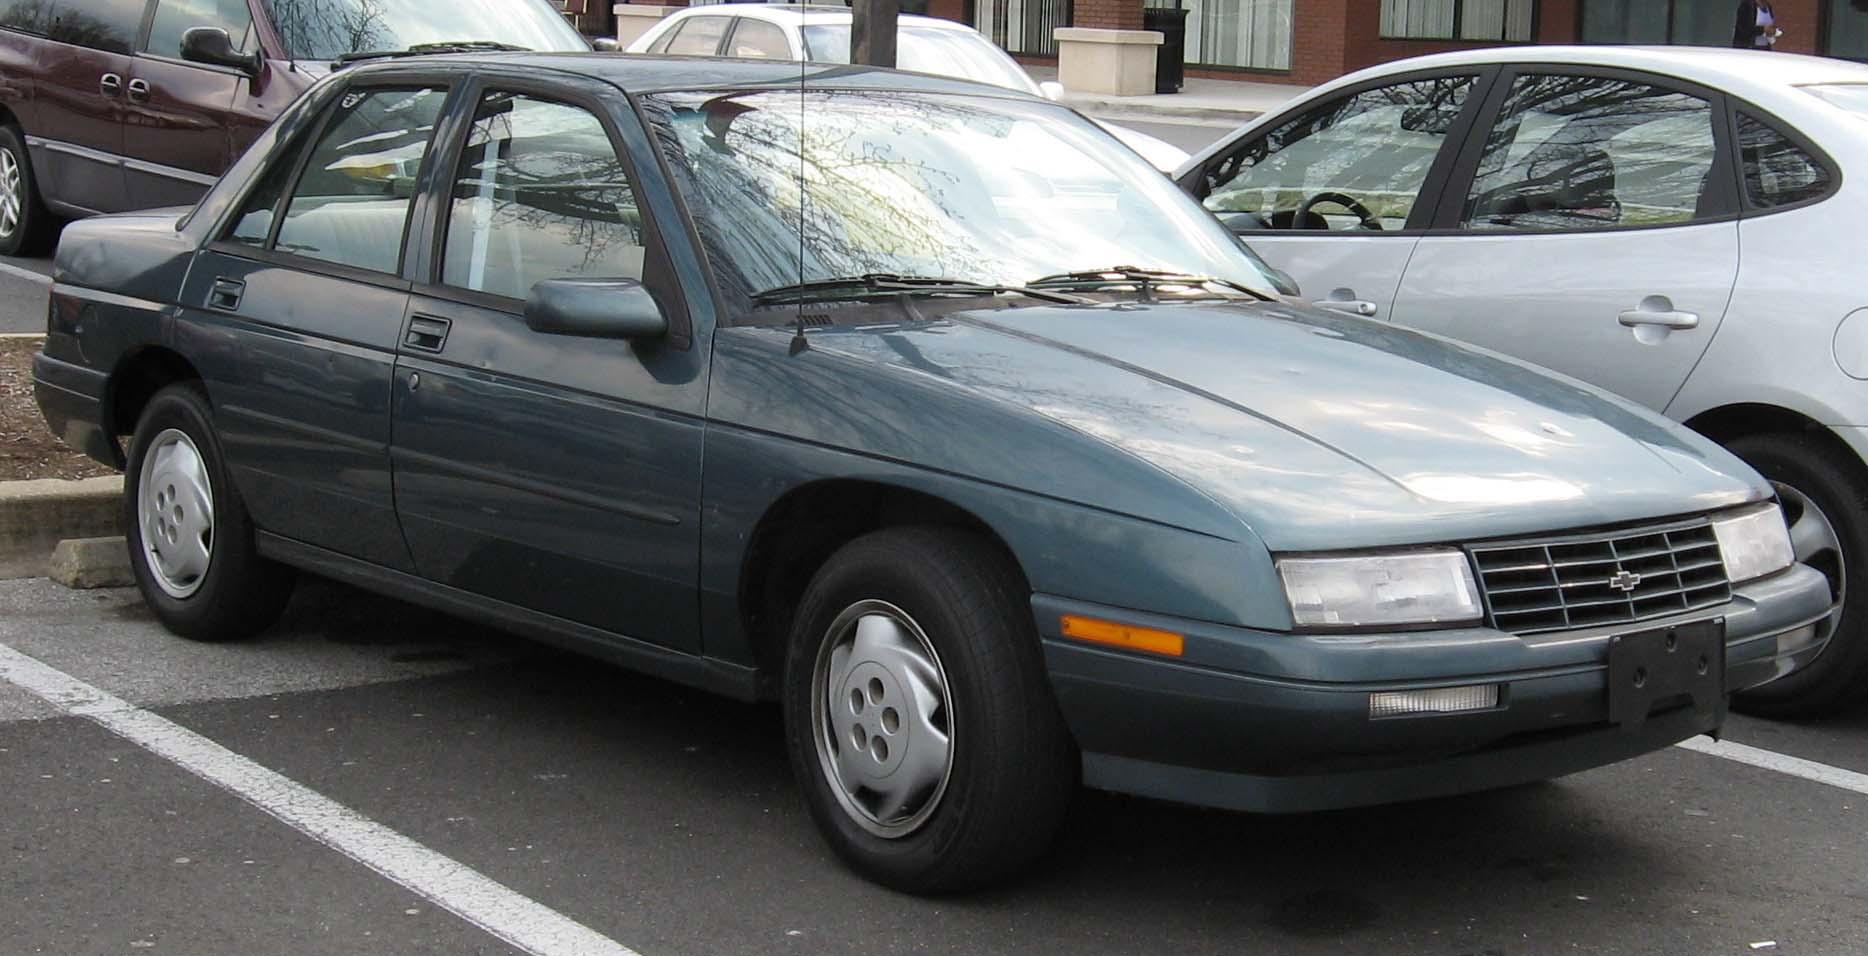 Chevrolet Corsica 1996 foto - 1